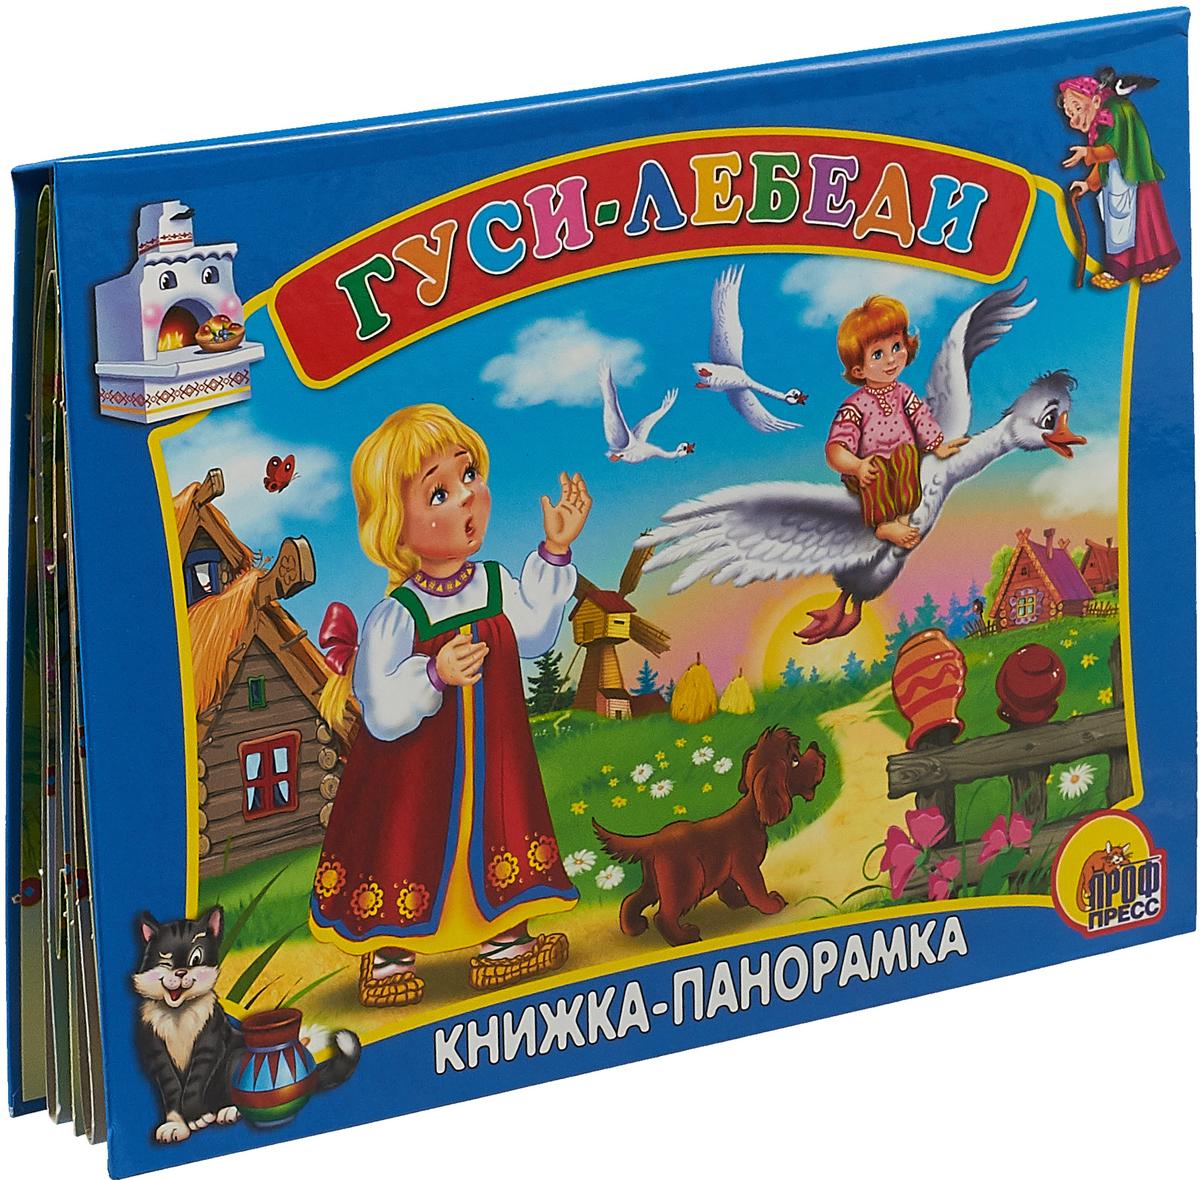 Гуси-лебеди русская книга для чтения